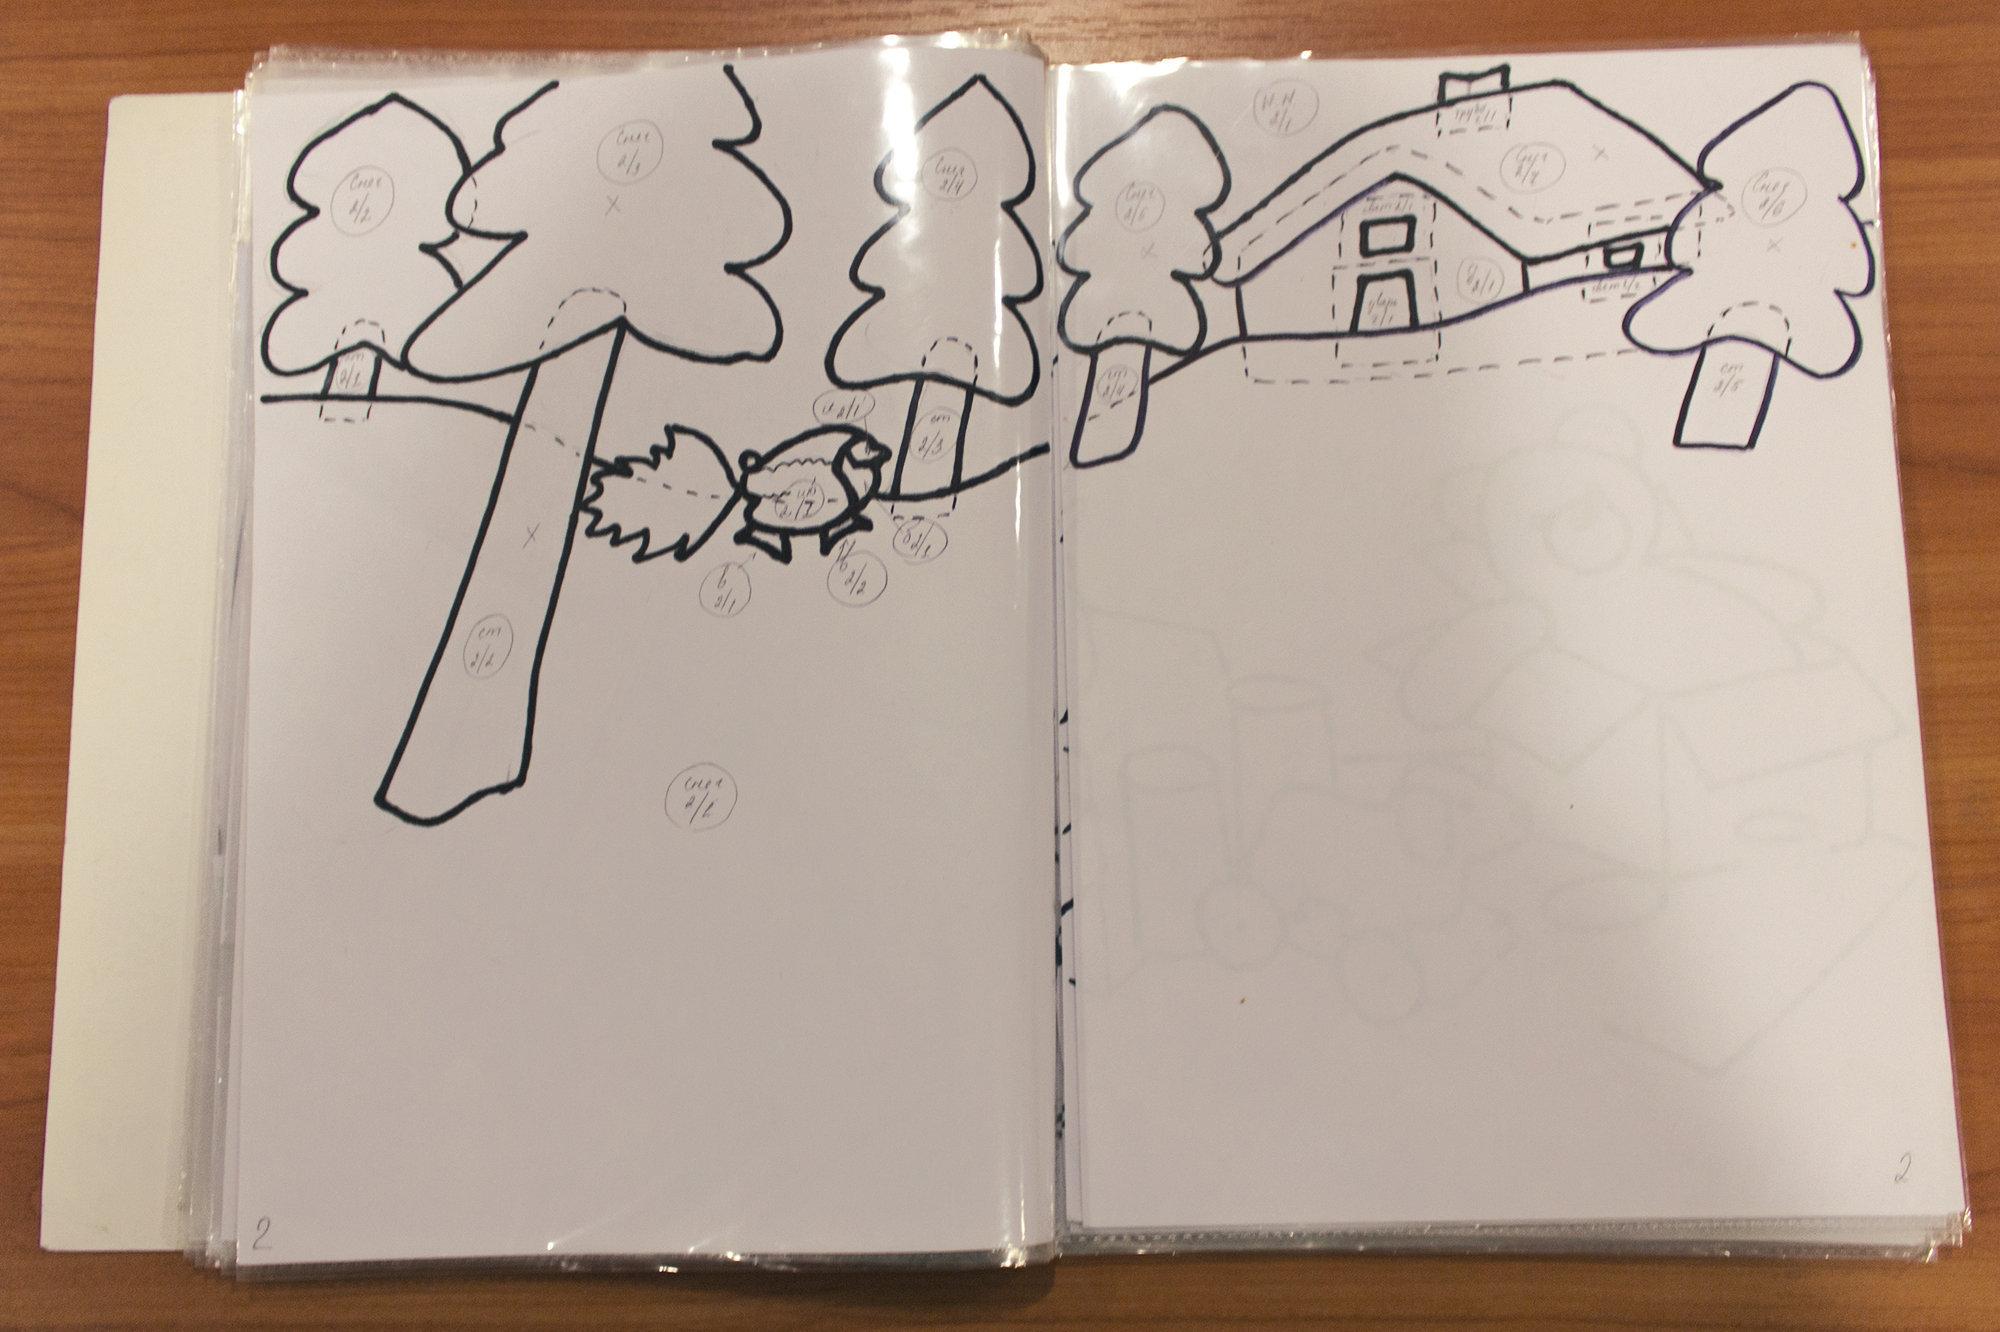 Прорисовка макетов будущей тактильной книги